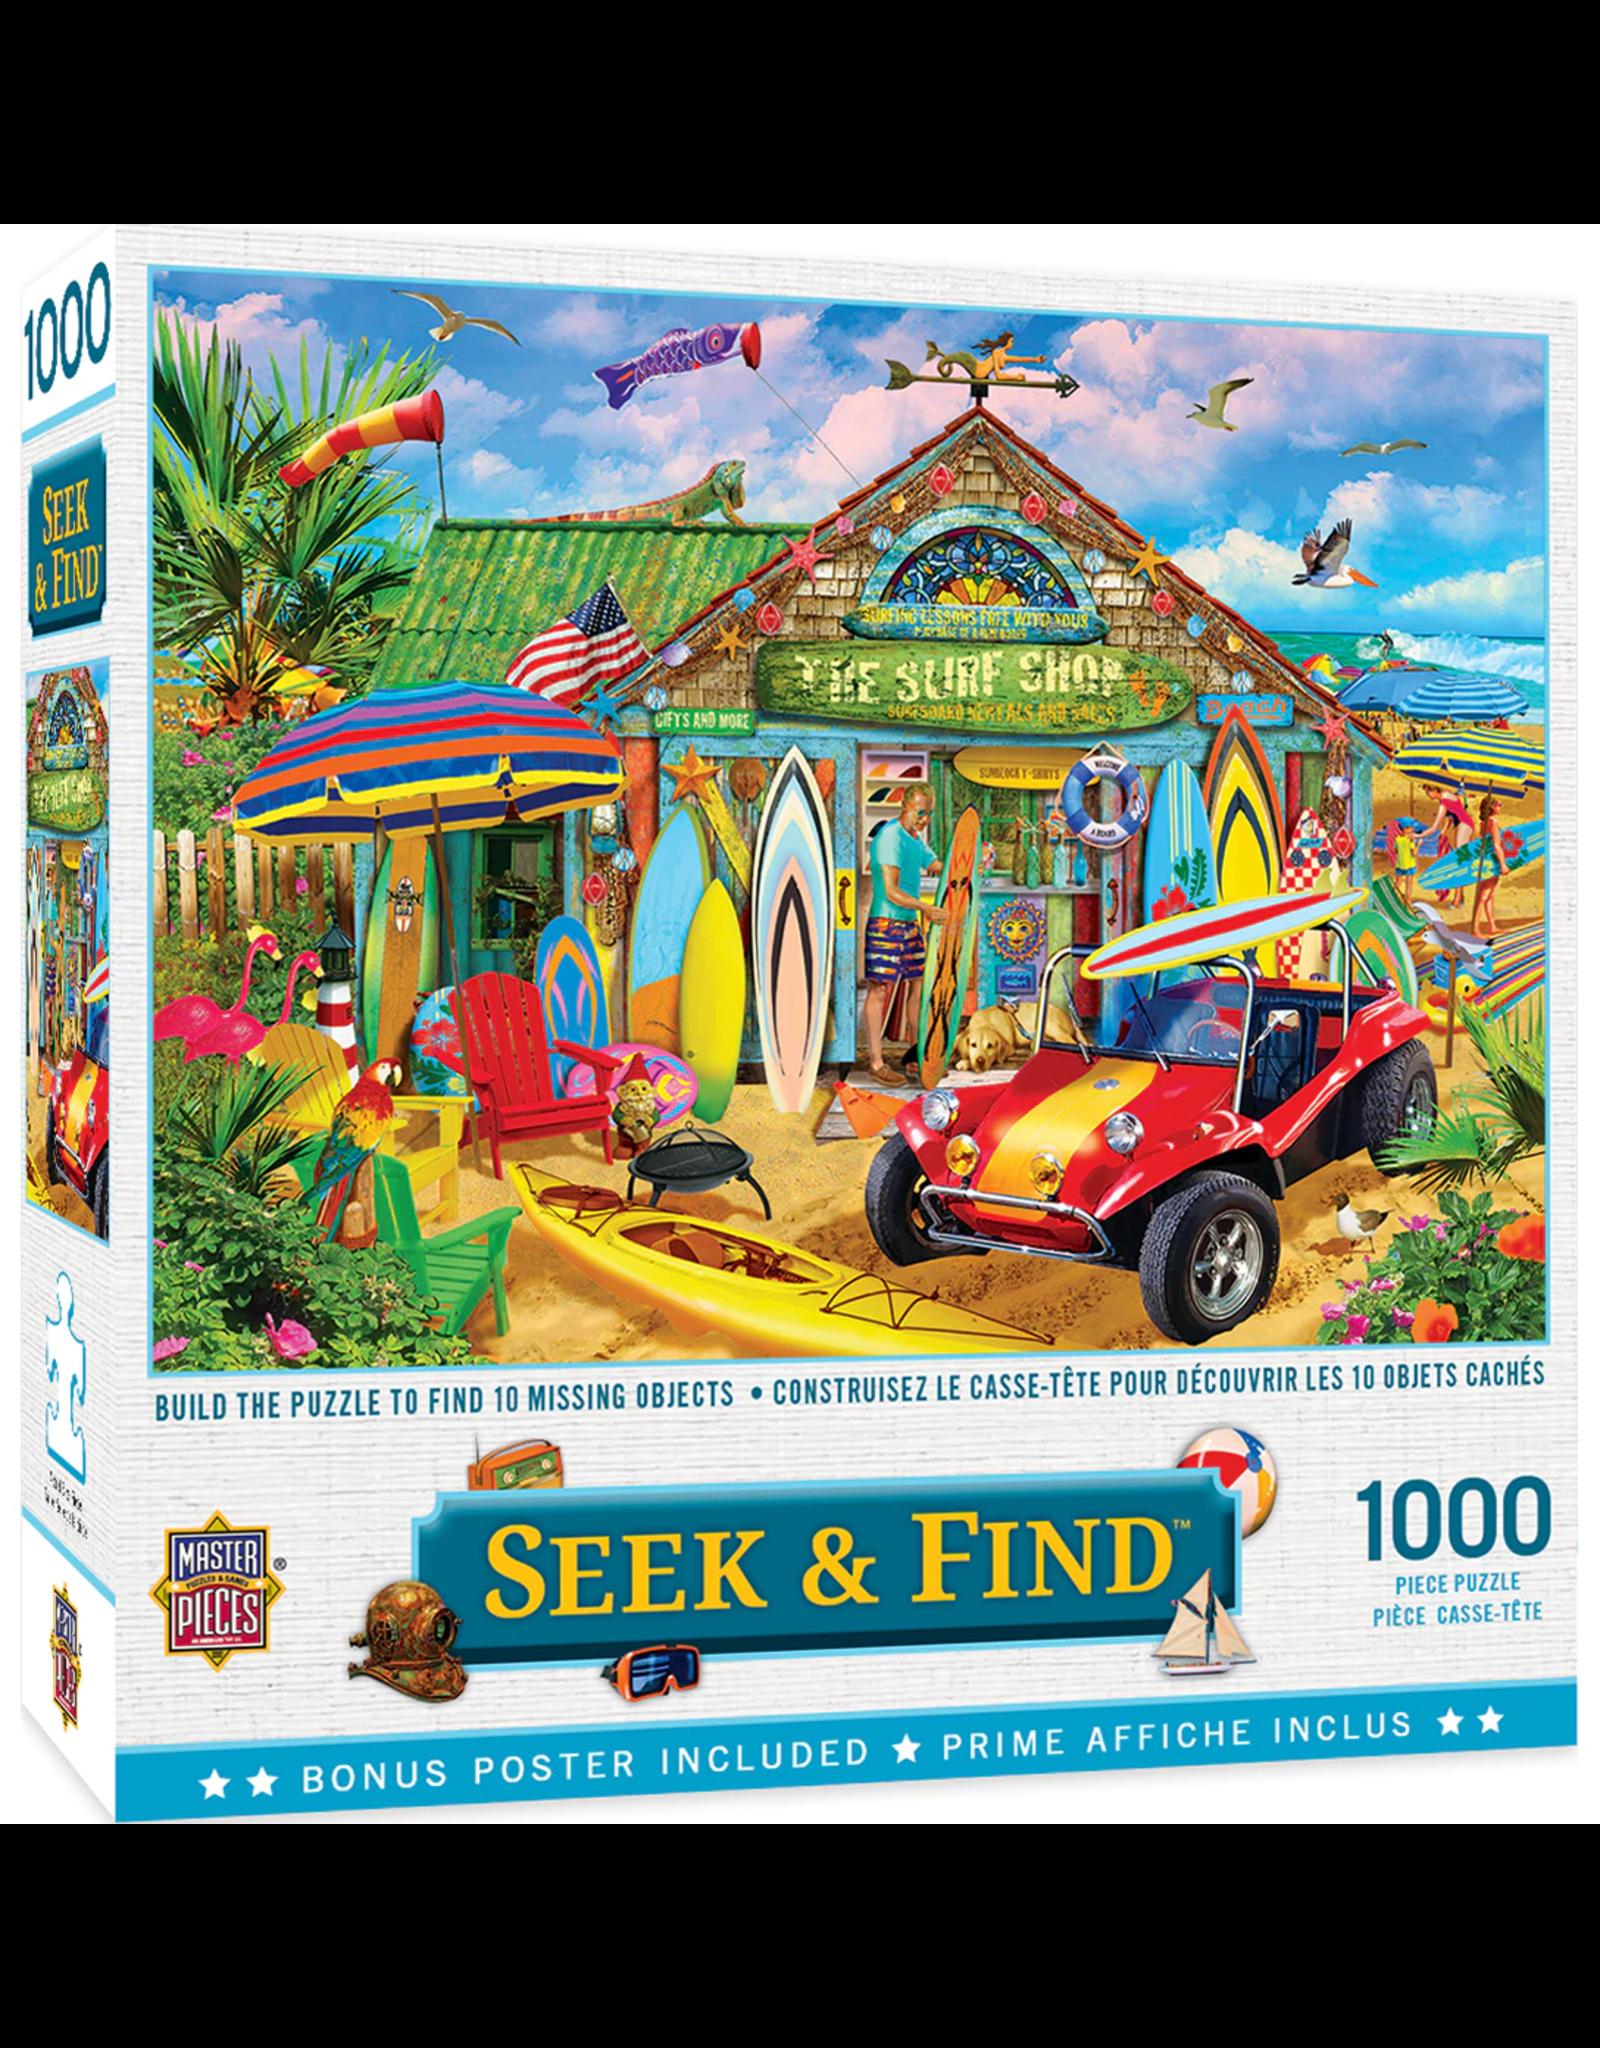 SEEK & FIND BEACH TIME FUN 1000 PIECE PUZZLE